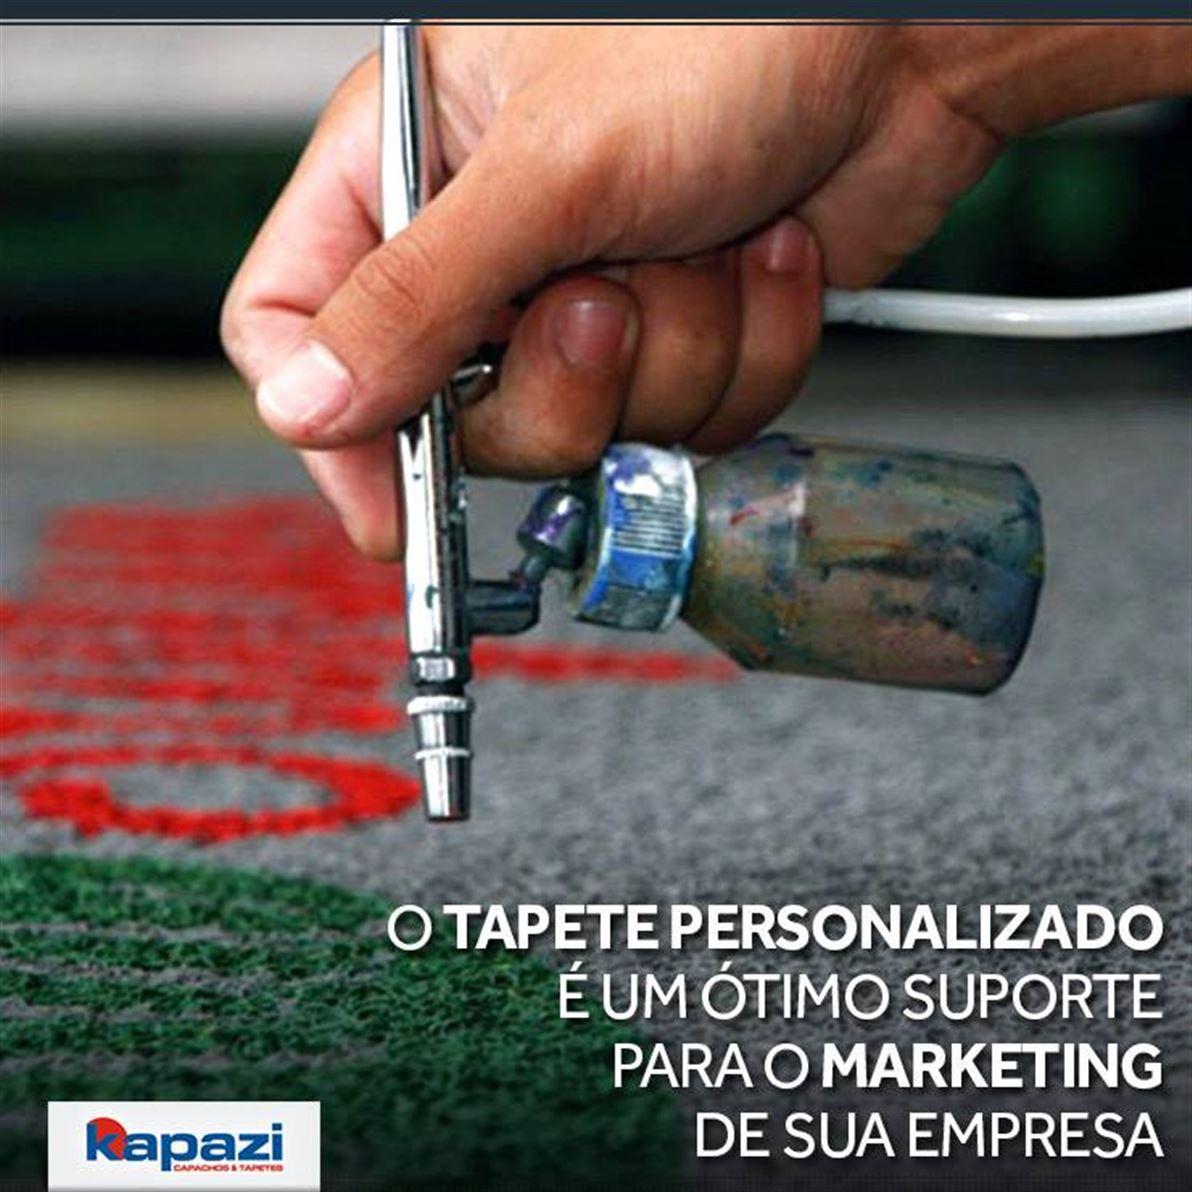 Tapetes Personalizados Profissional é um ótimo suporte para o marketing de sua empresa